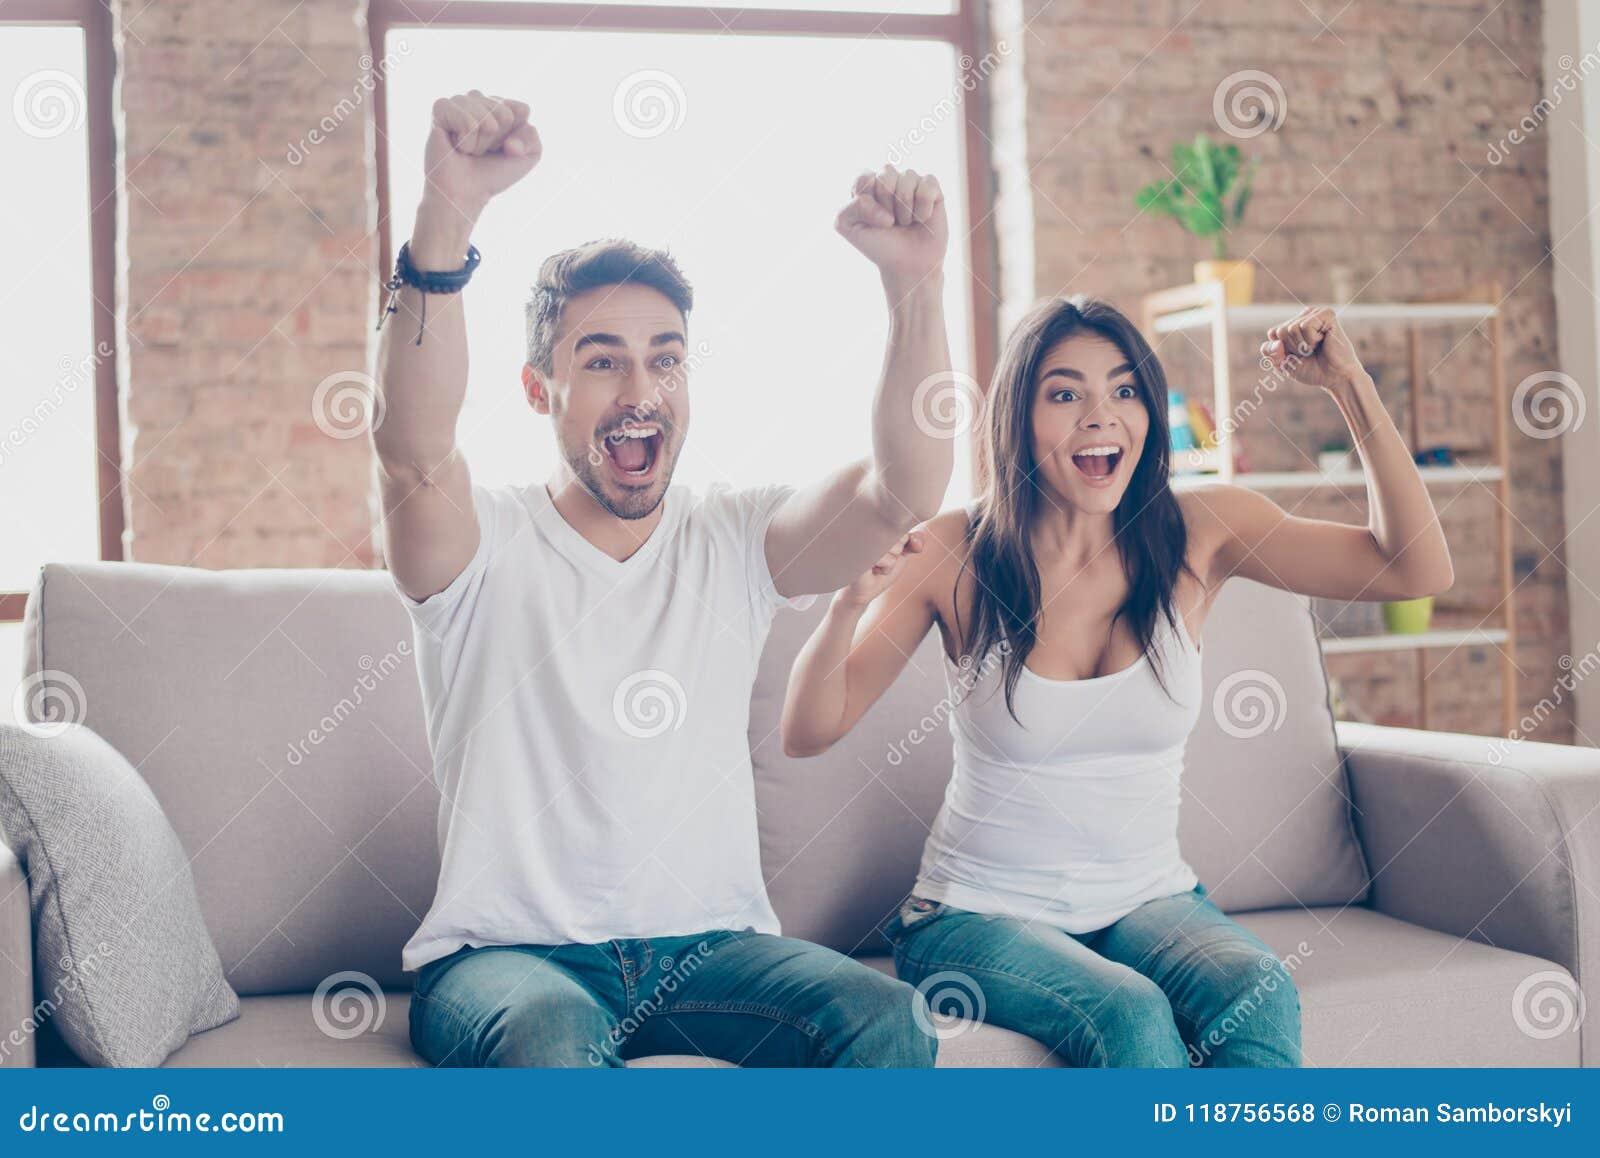 Vincitori! Gli amici sono fan dei giochi di sport come calcio, basketbal